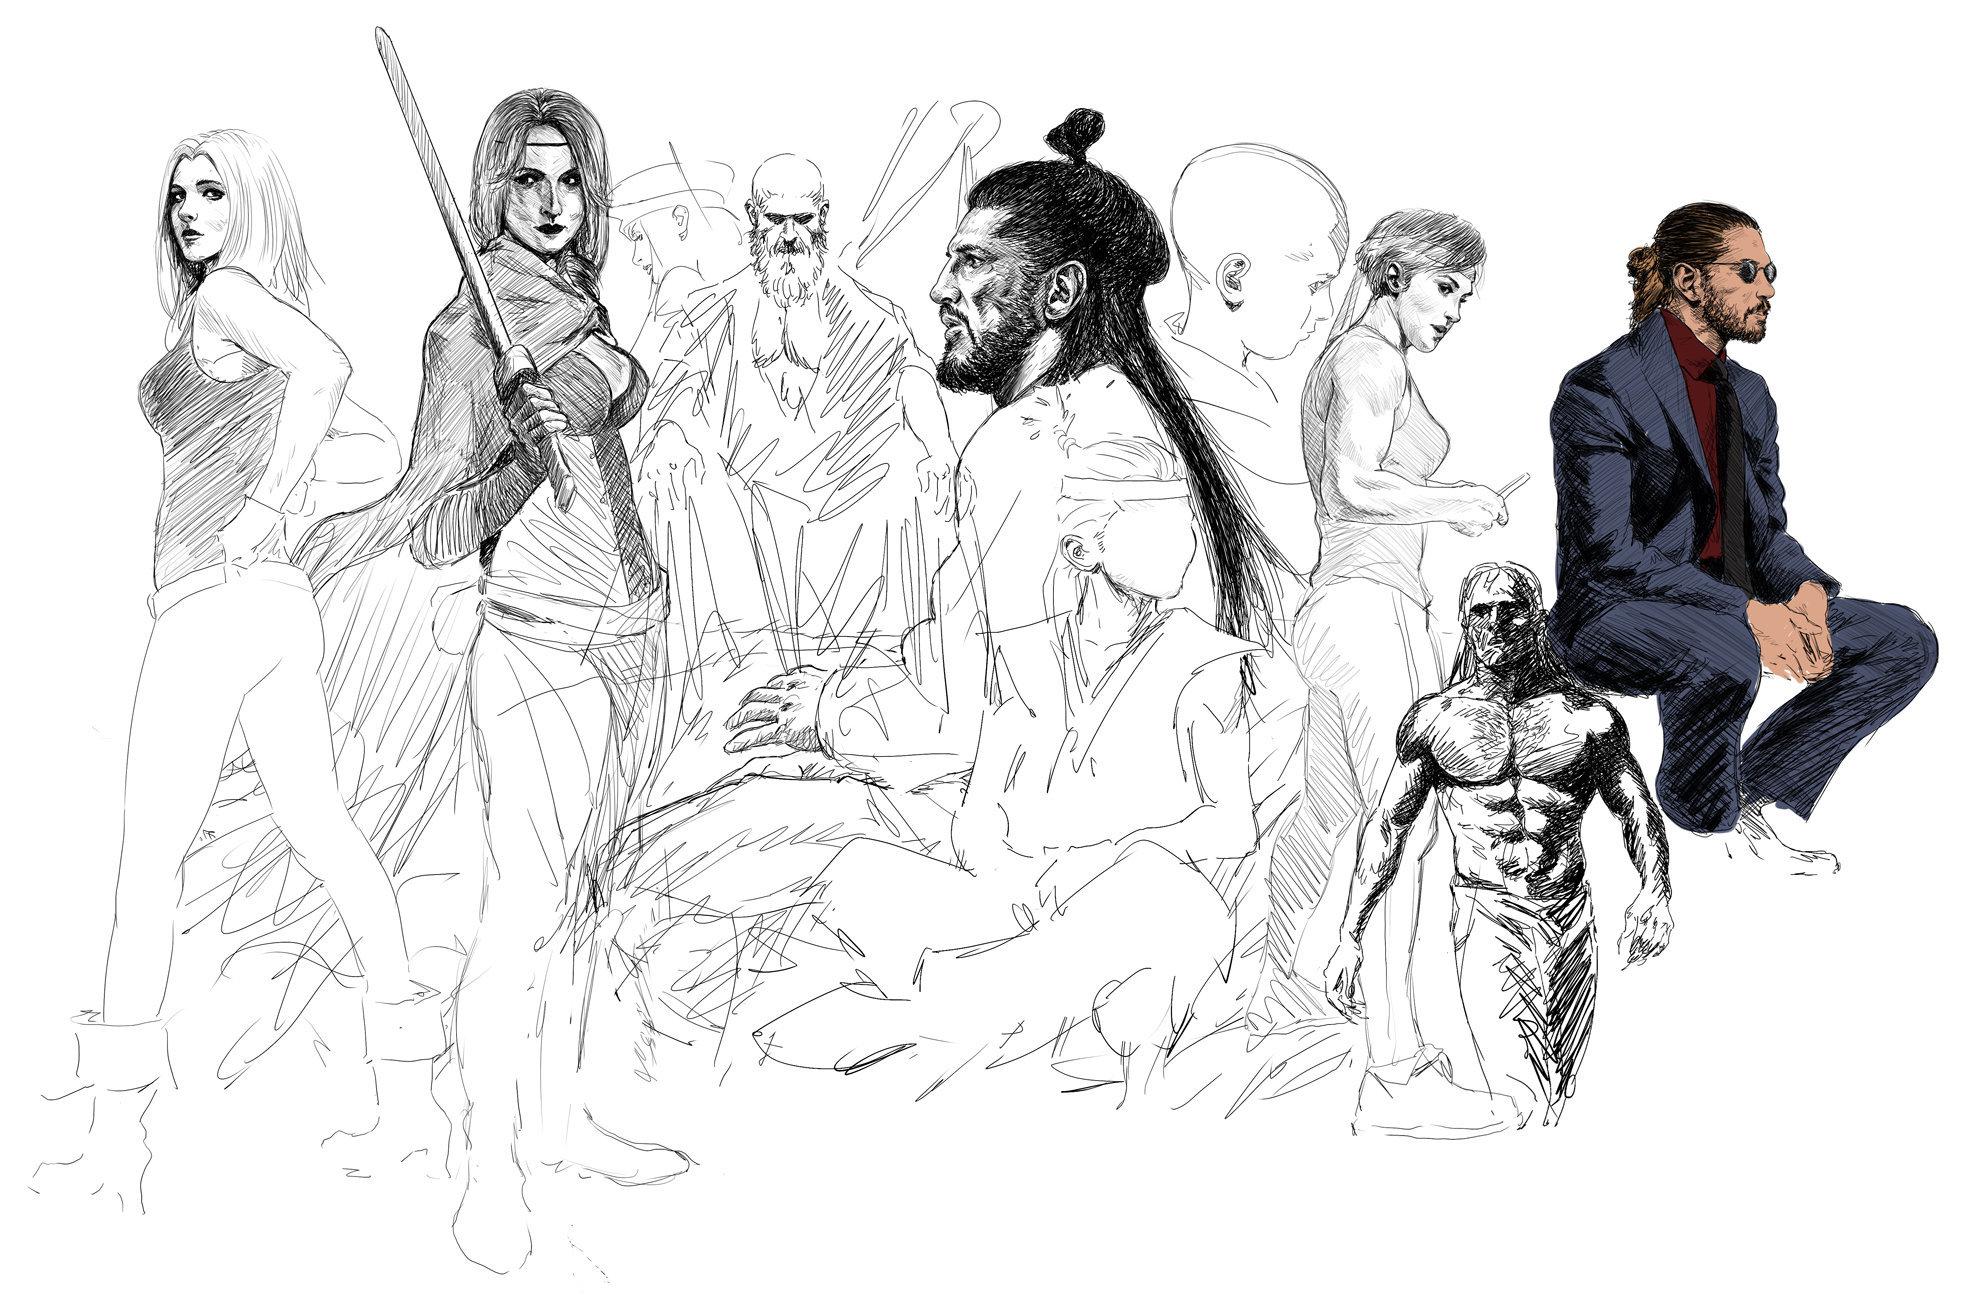 Recherches graphiques de Dagorath - Page 6 1576600218-sketches11222112